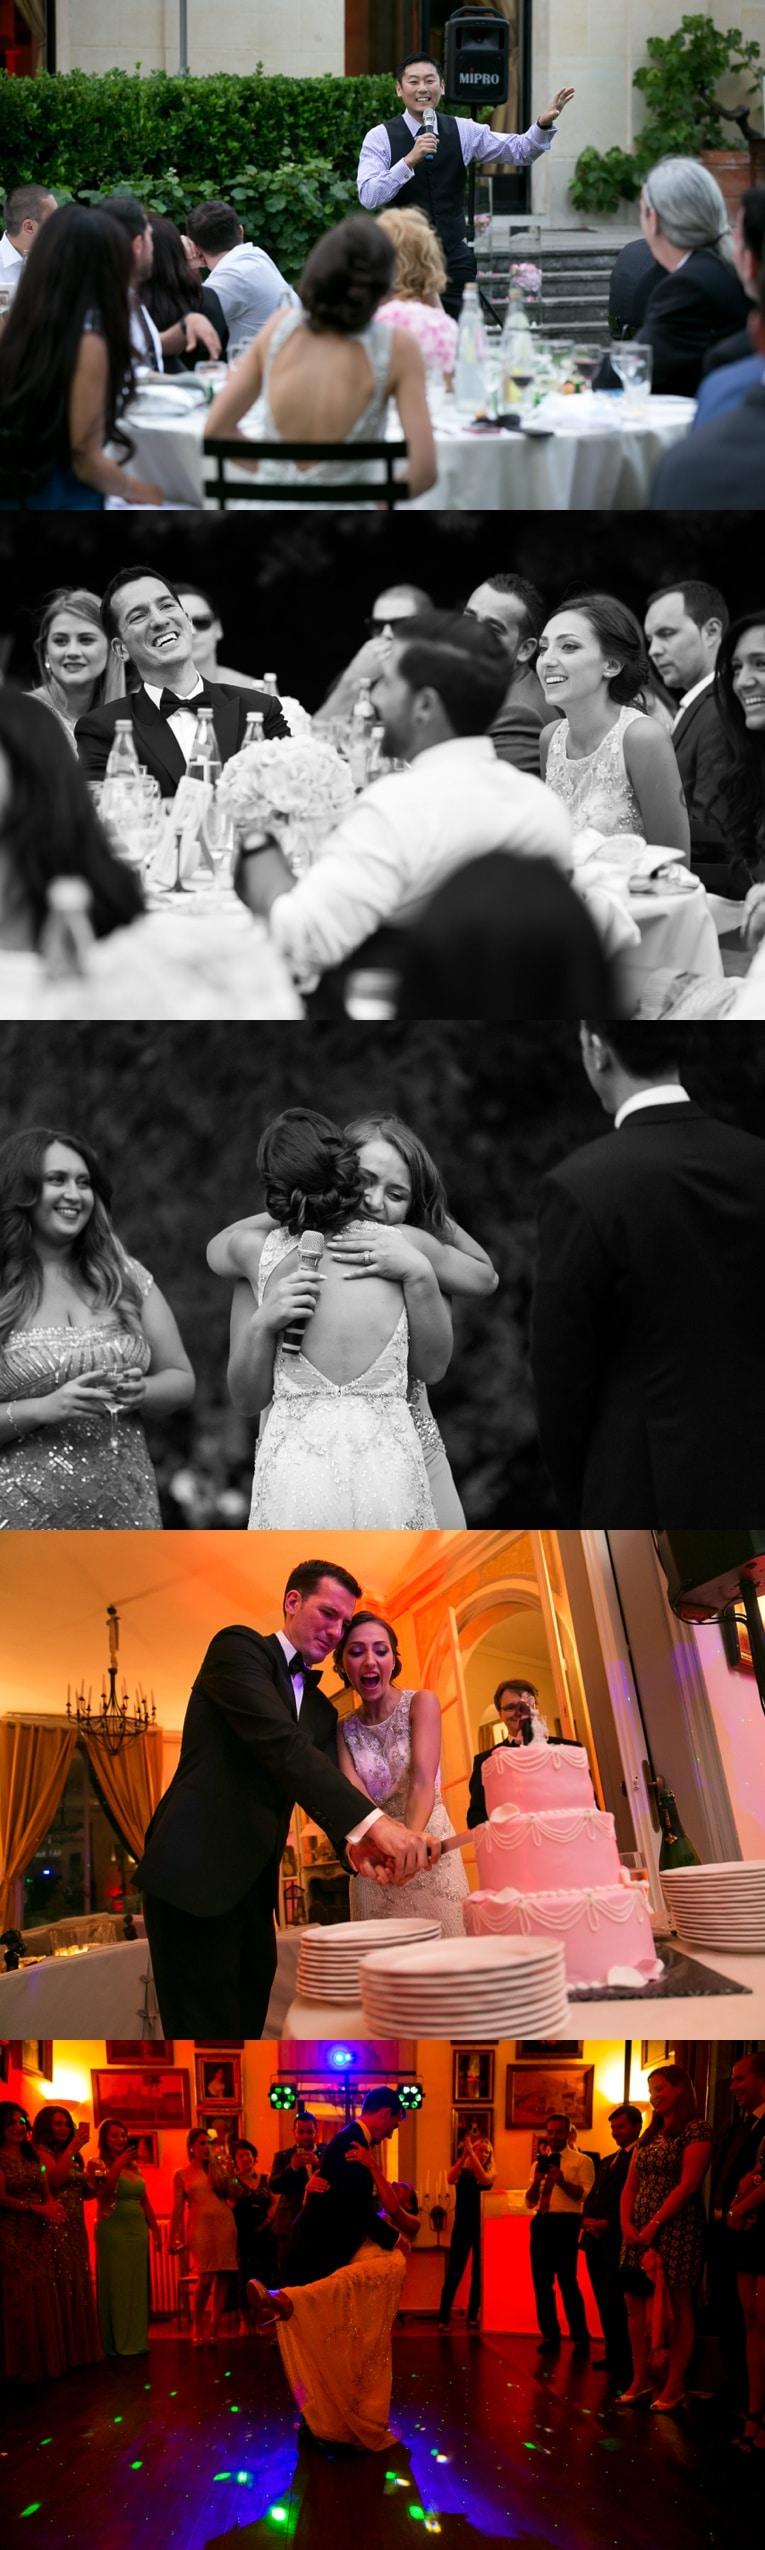 wedding-vigne-paris-bagatelle-19